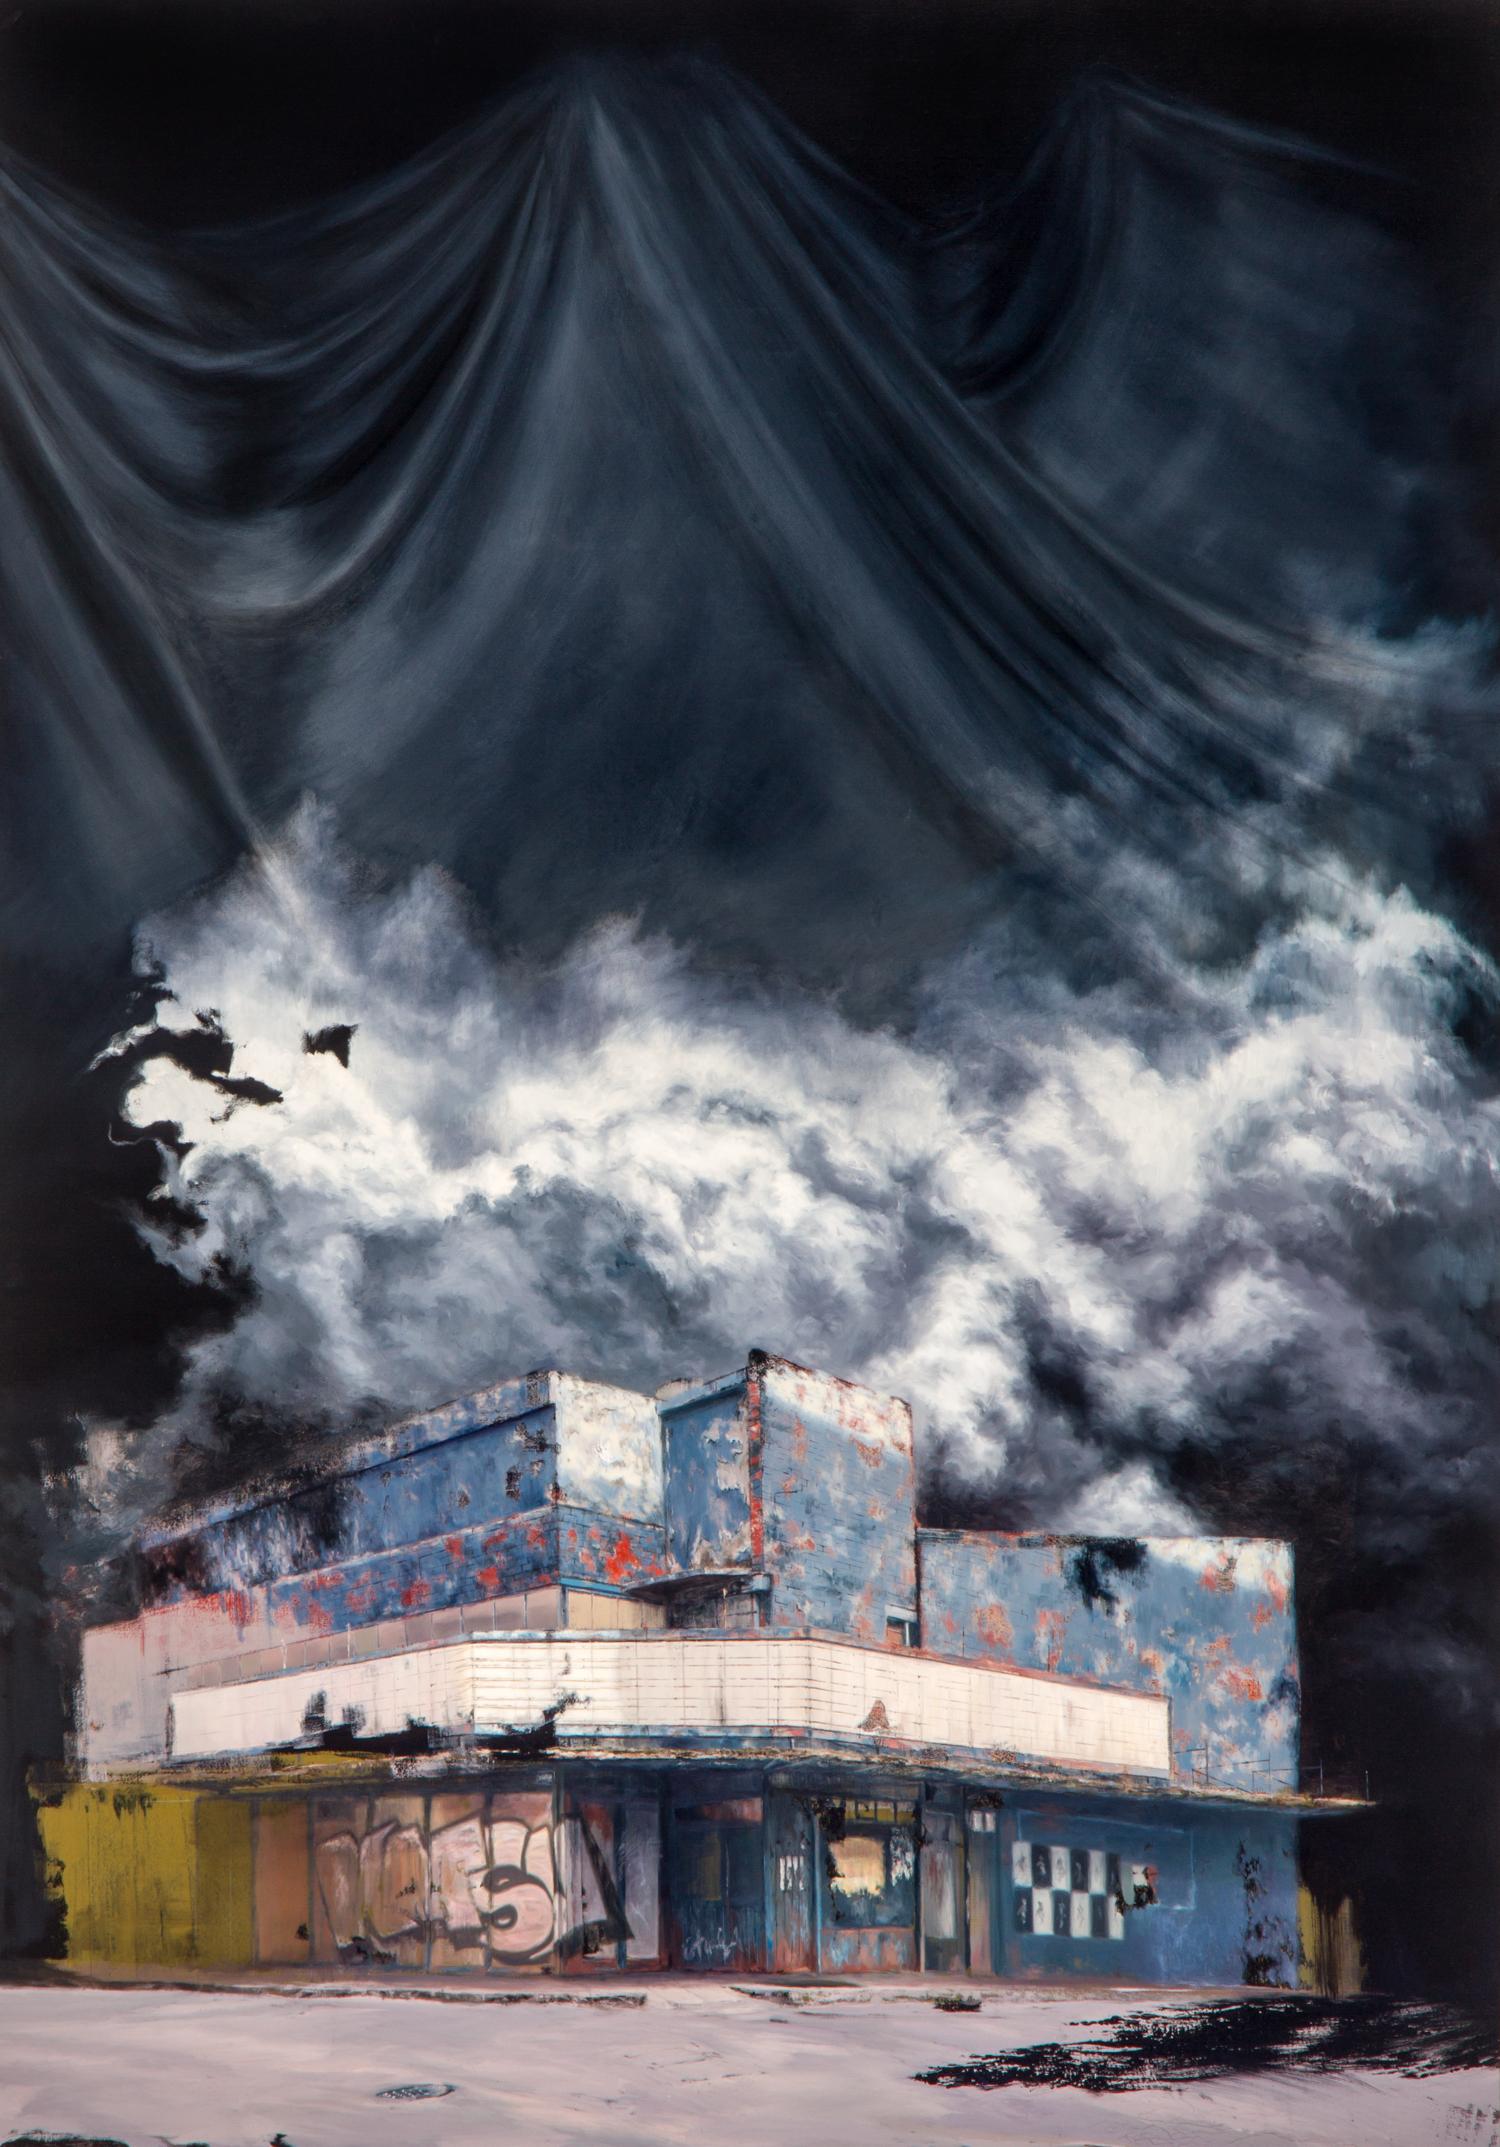 Detrás de la Representación ,Óleo y acrílico sobre tela,200 x 140 cm,2011     Behind Representation ,Oil and acrylic on canvas,6' 6.74''x 4' 7.11'' 2011